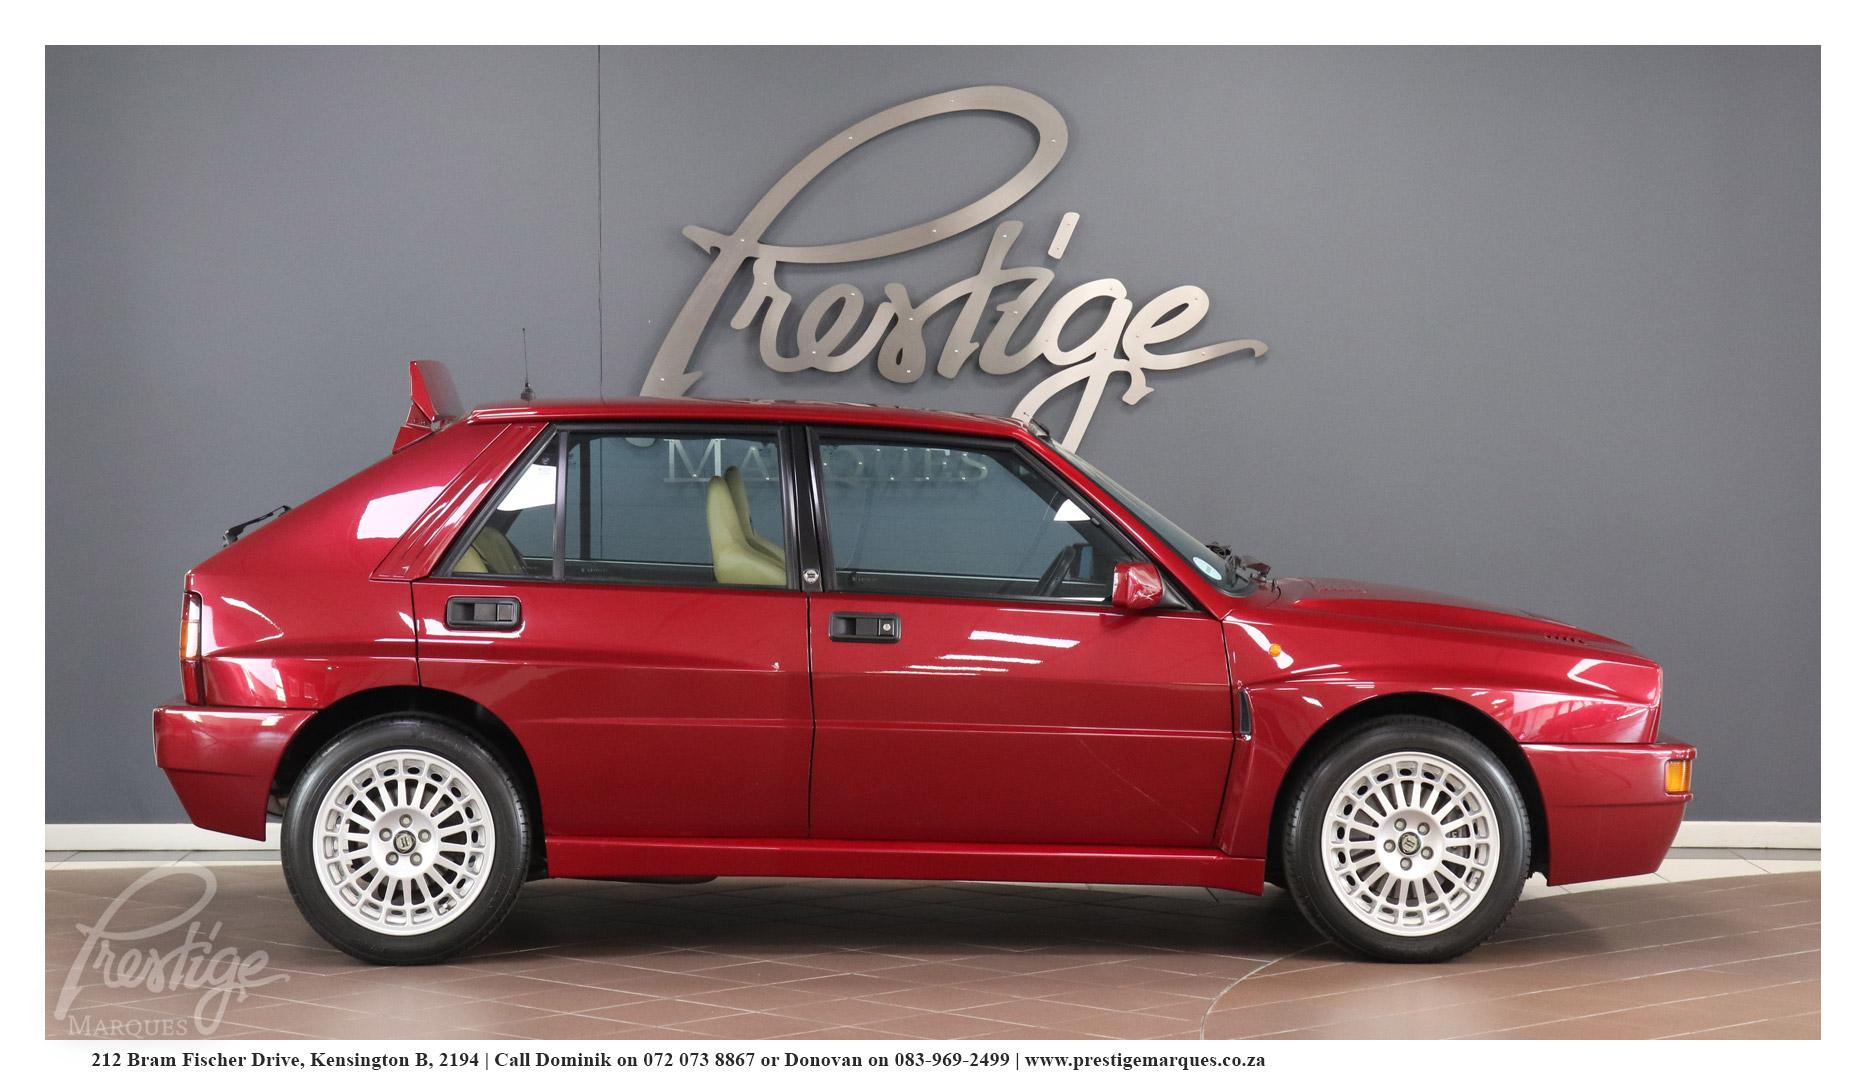 1995-Lancia-Delta-Integrale-Evo-2-Dealer-Collection-Prestige-Marques-Sandton-2